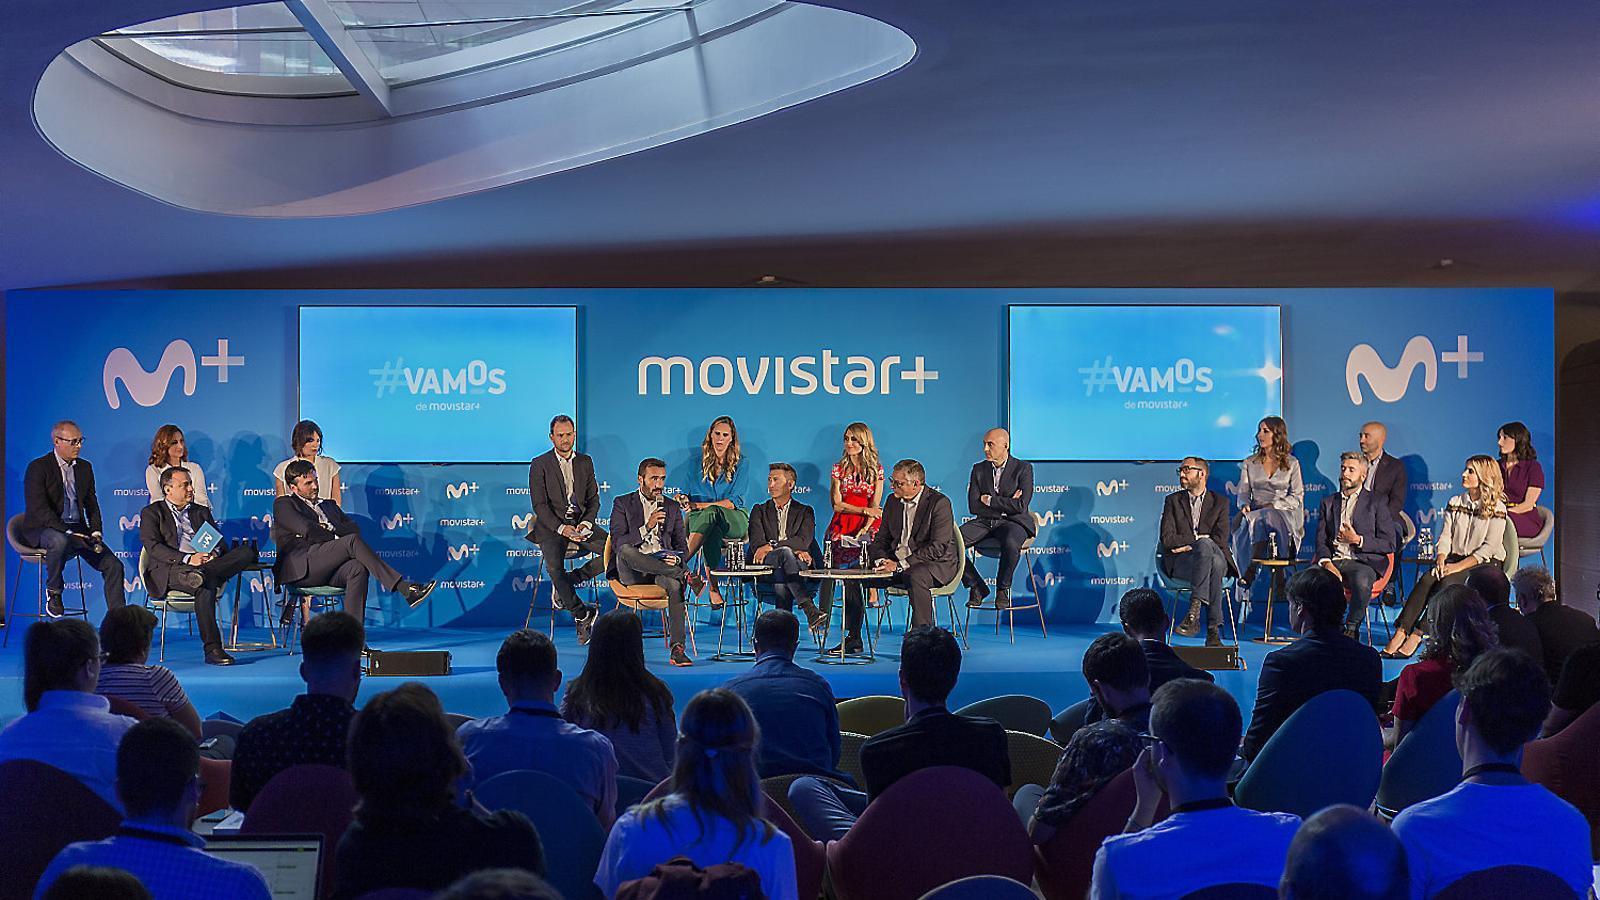 Movistar+ passa a l'atac per ampliar la seva influència